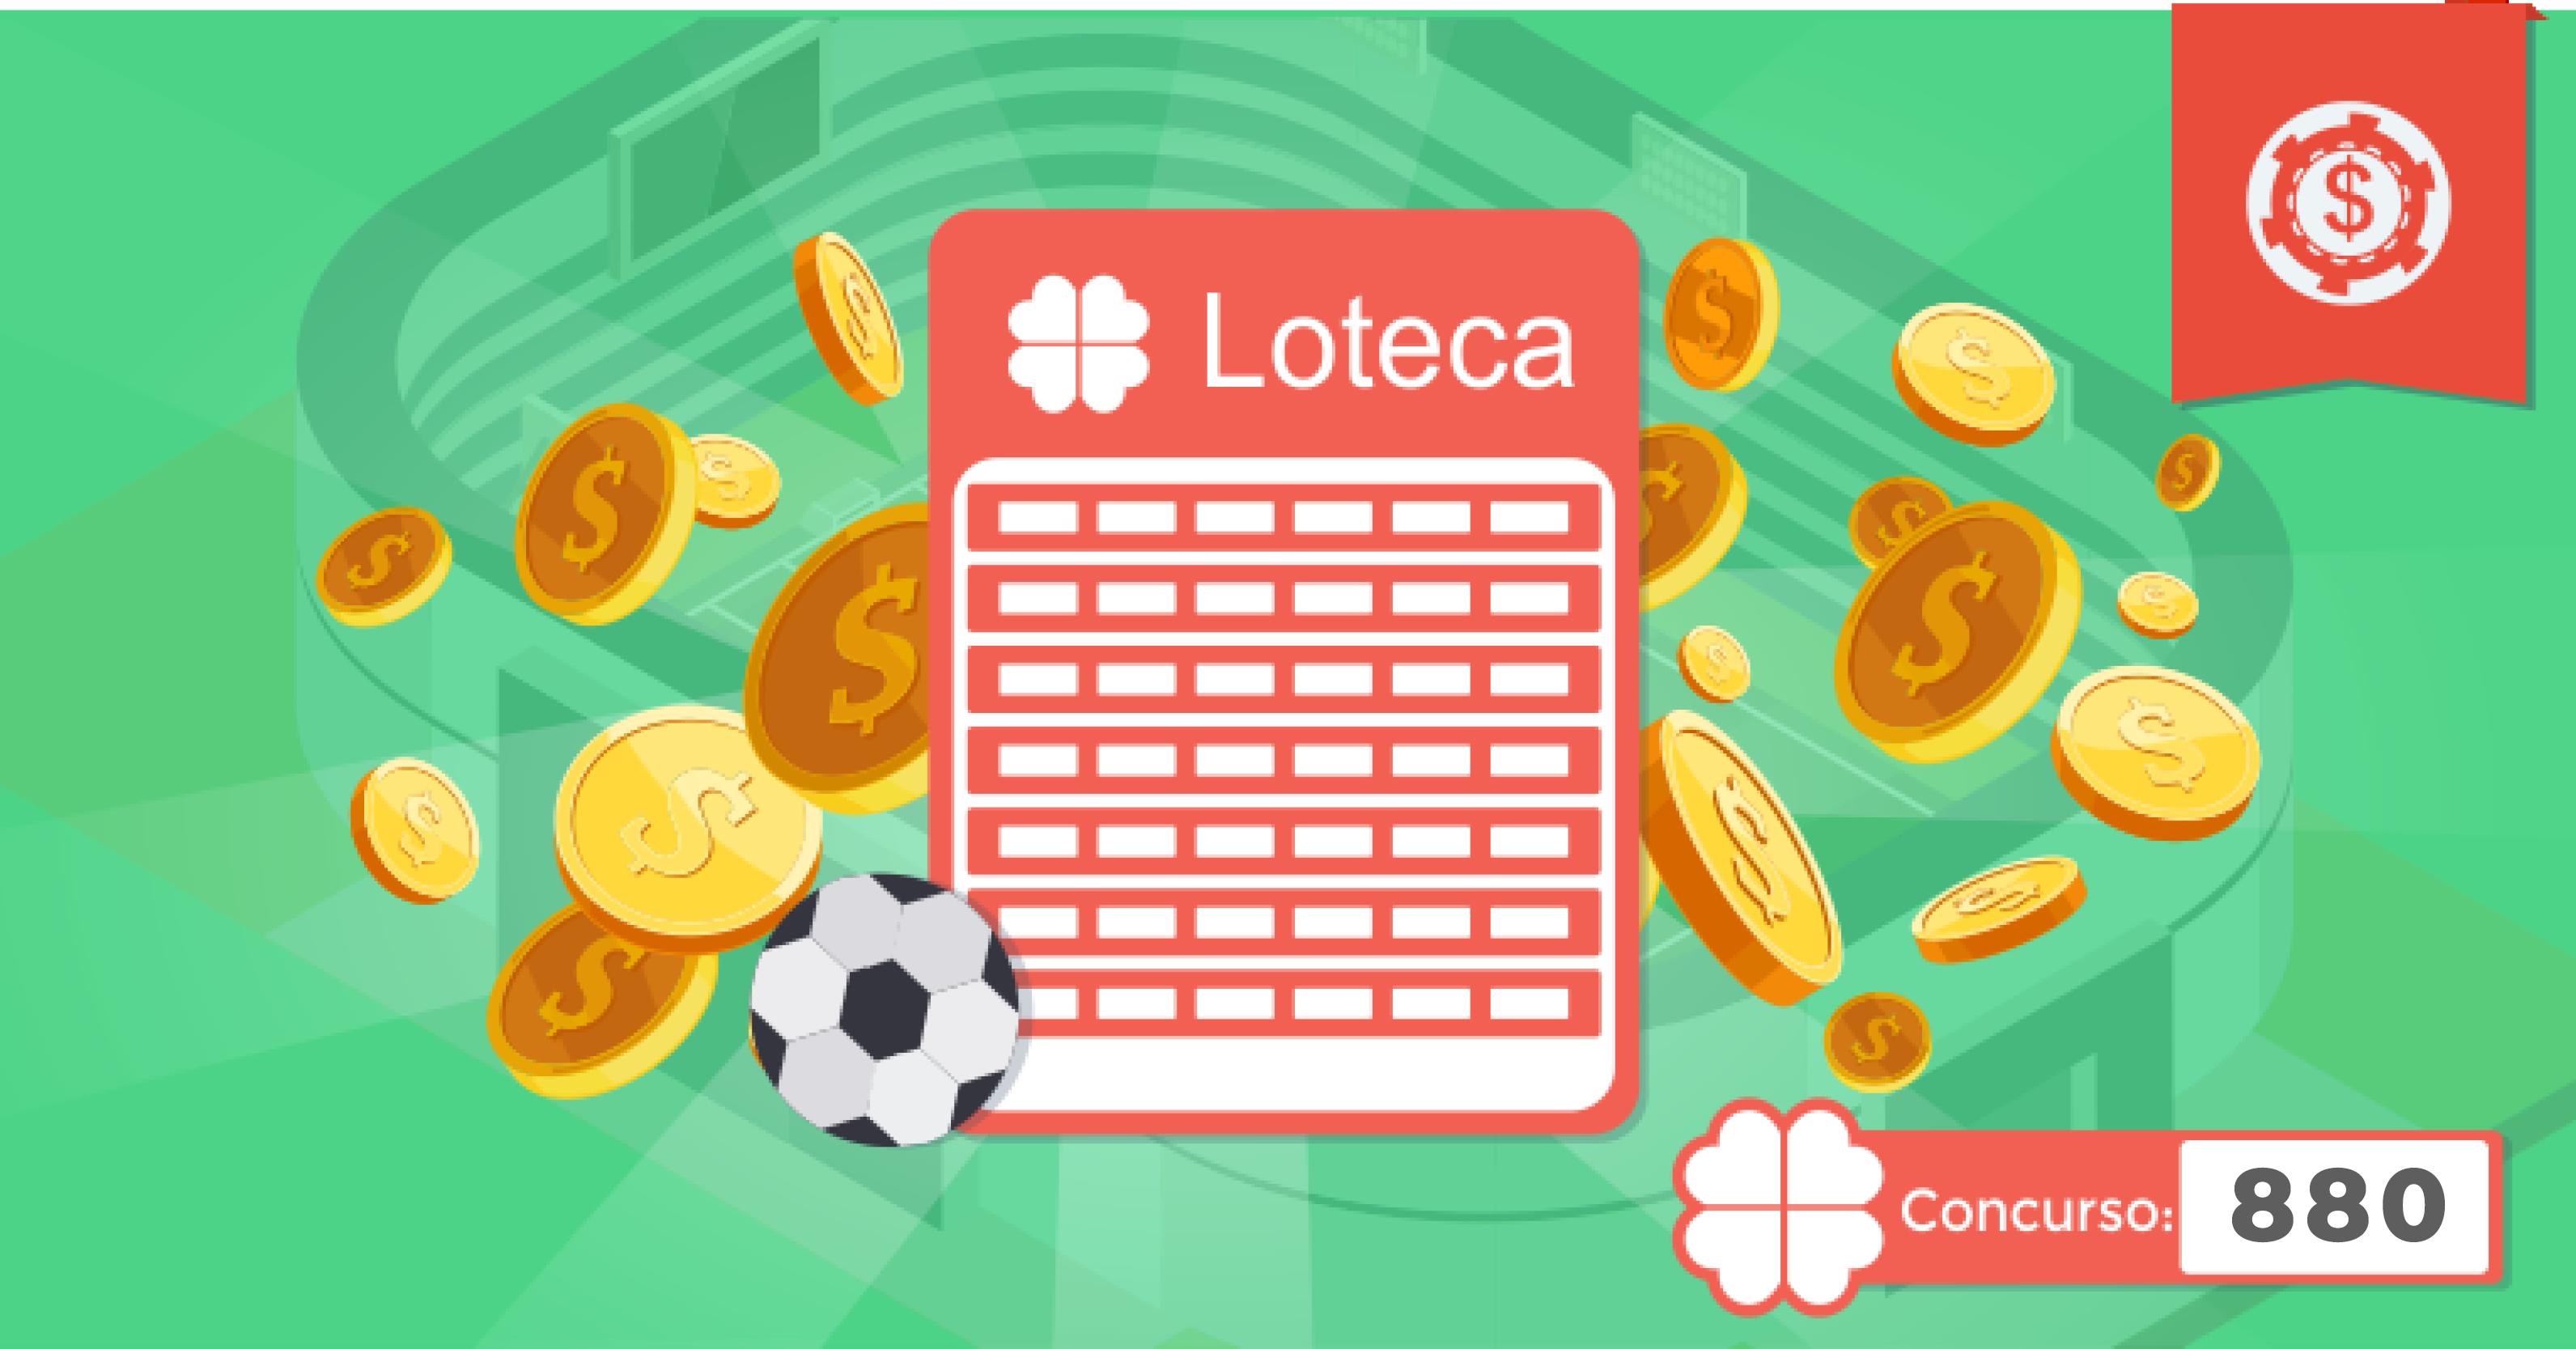 palpites-loteca-880-palpites-loteca-semana